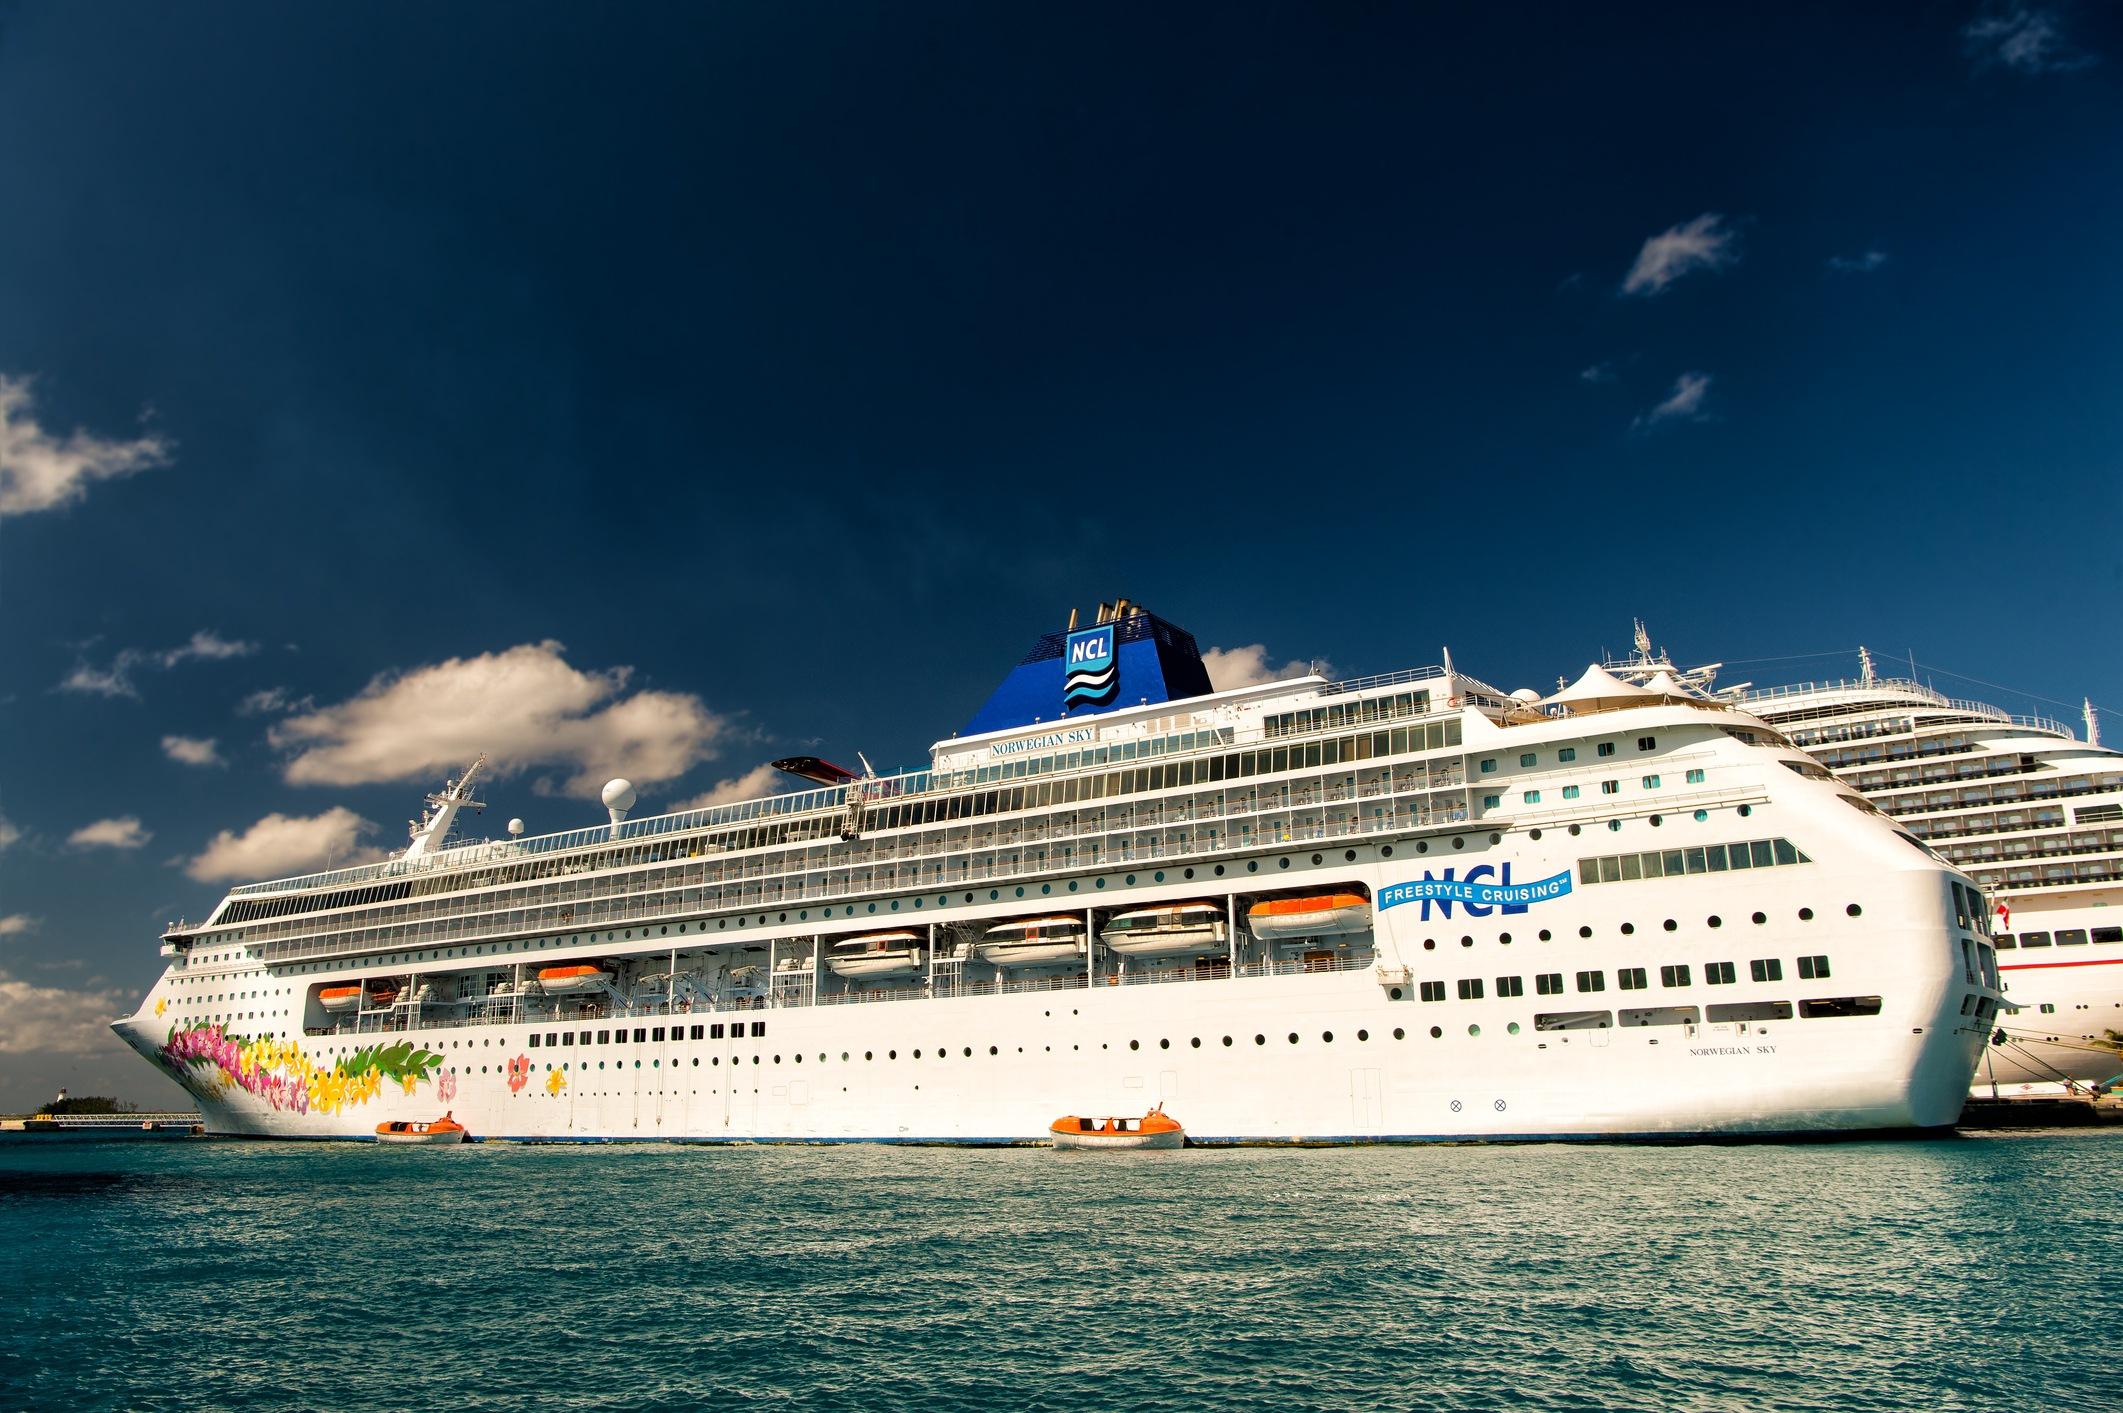 Big cruise ship Norwegian Sky